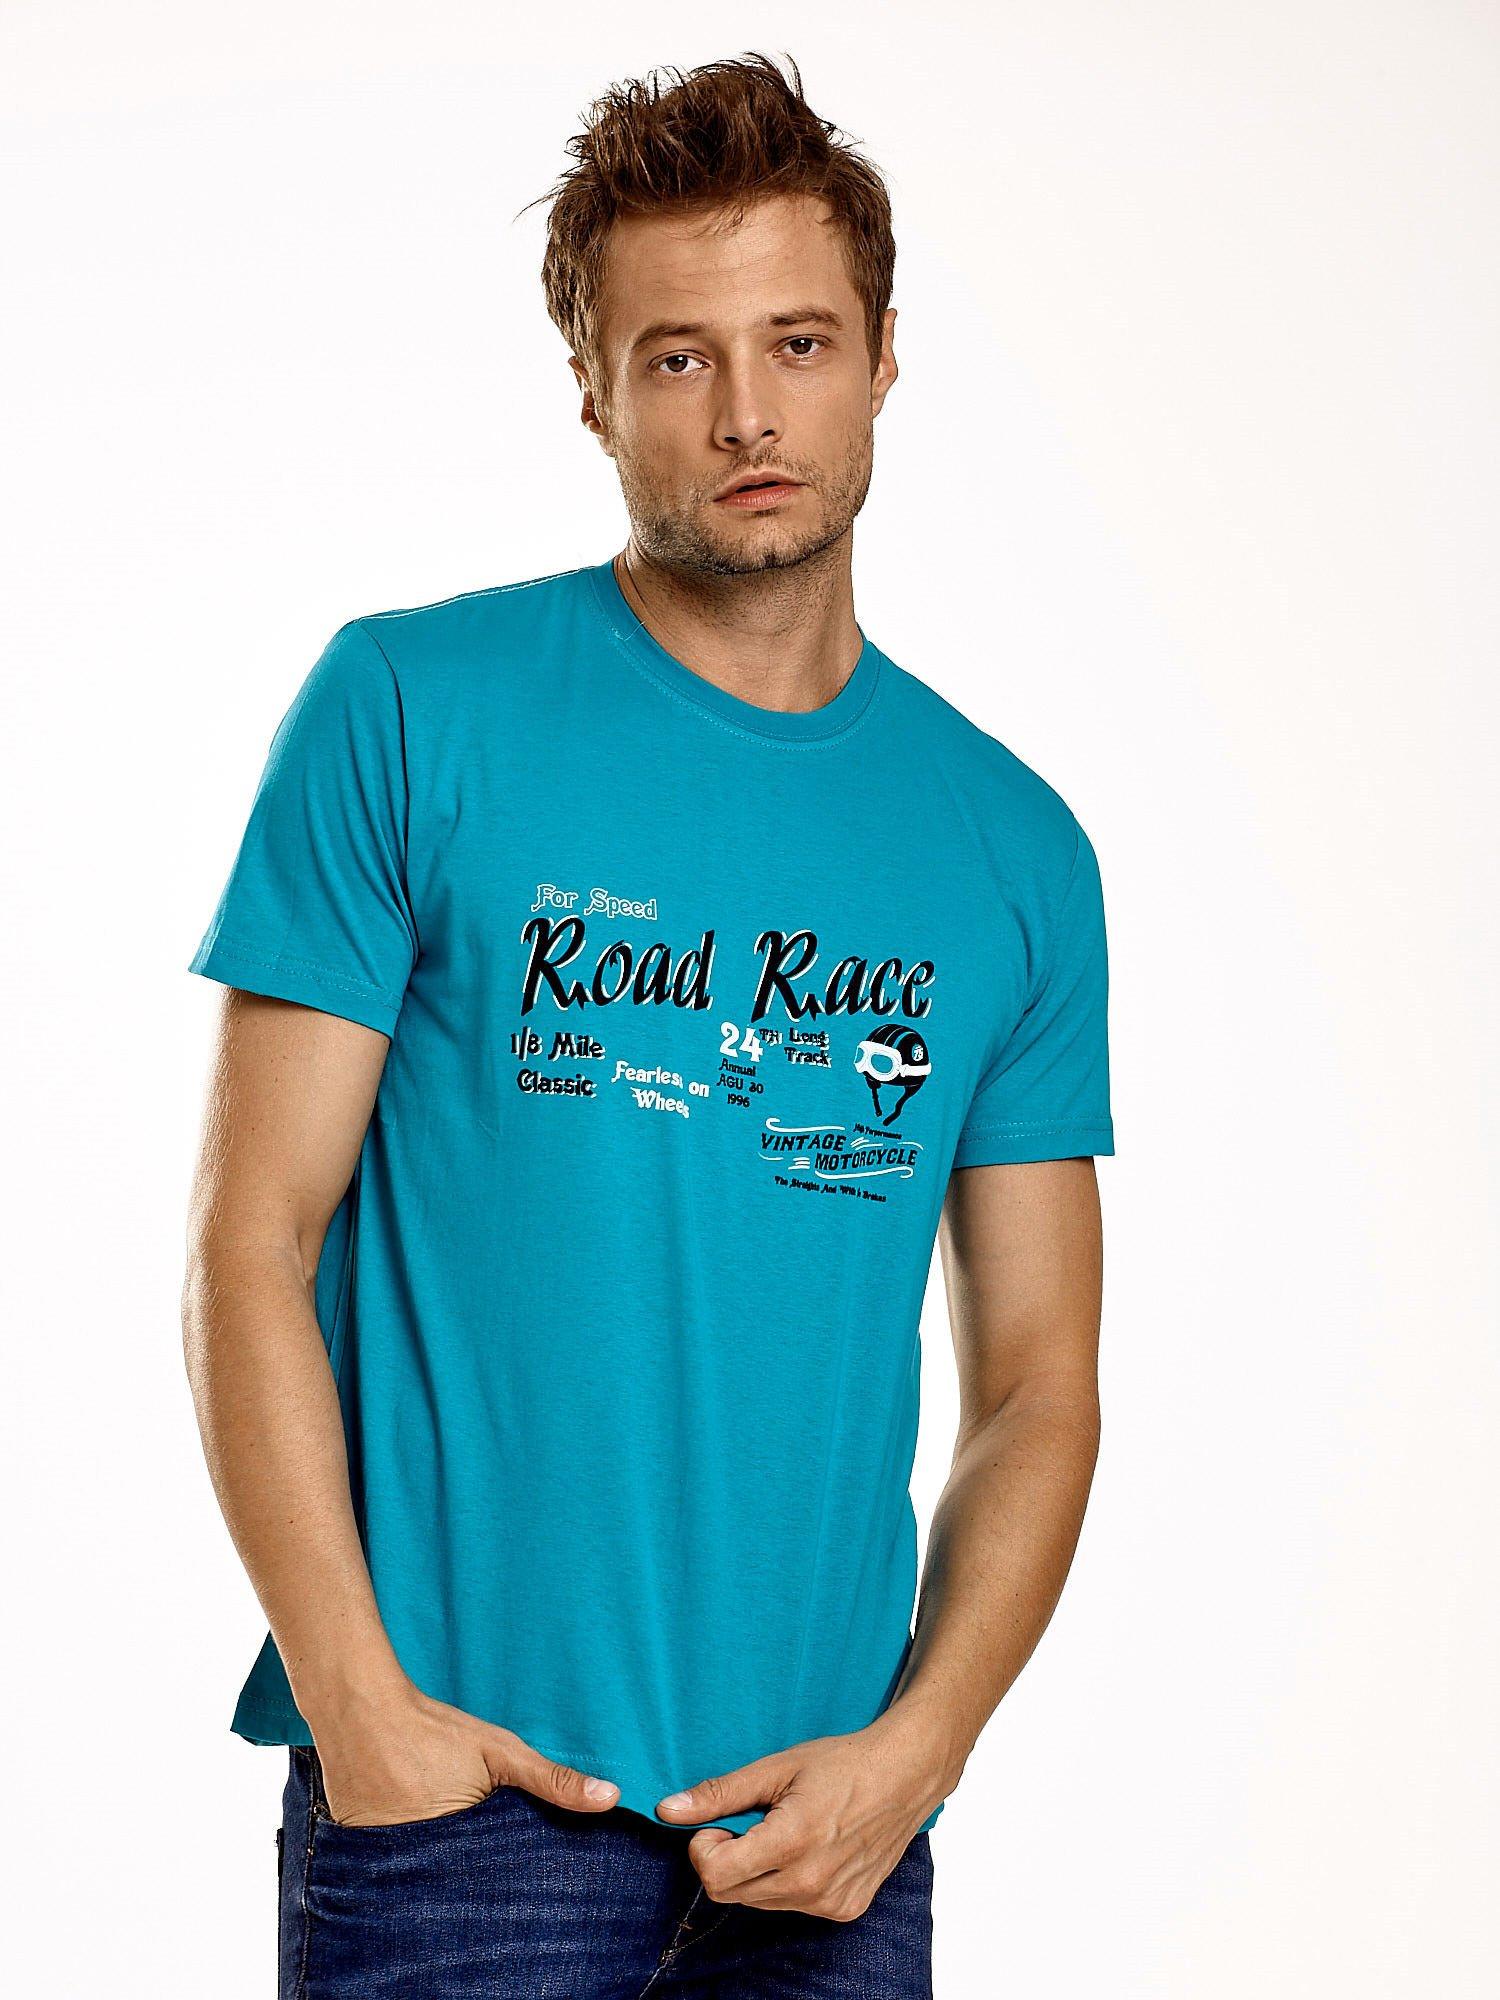 Zielony t-shirt męski z wyścigowym napisem ROAD RACE                                  zdj.                                  1